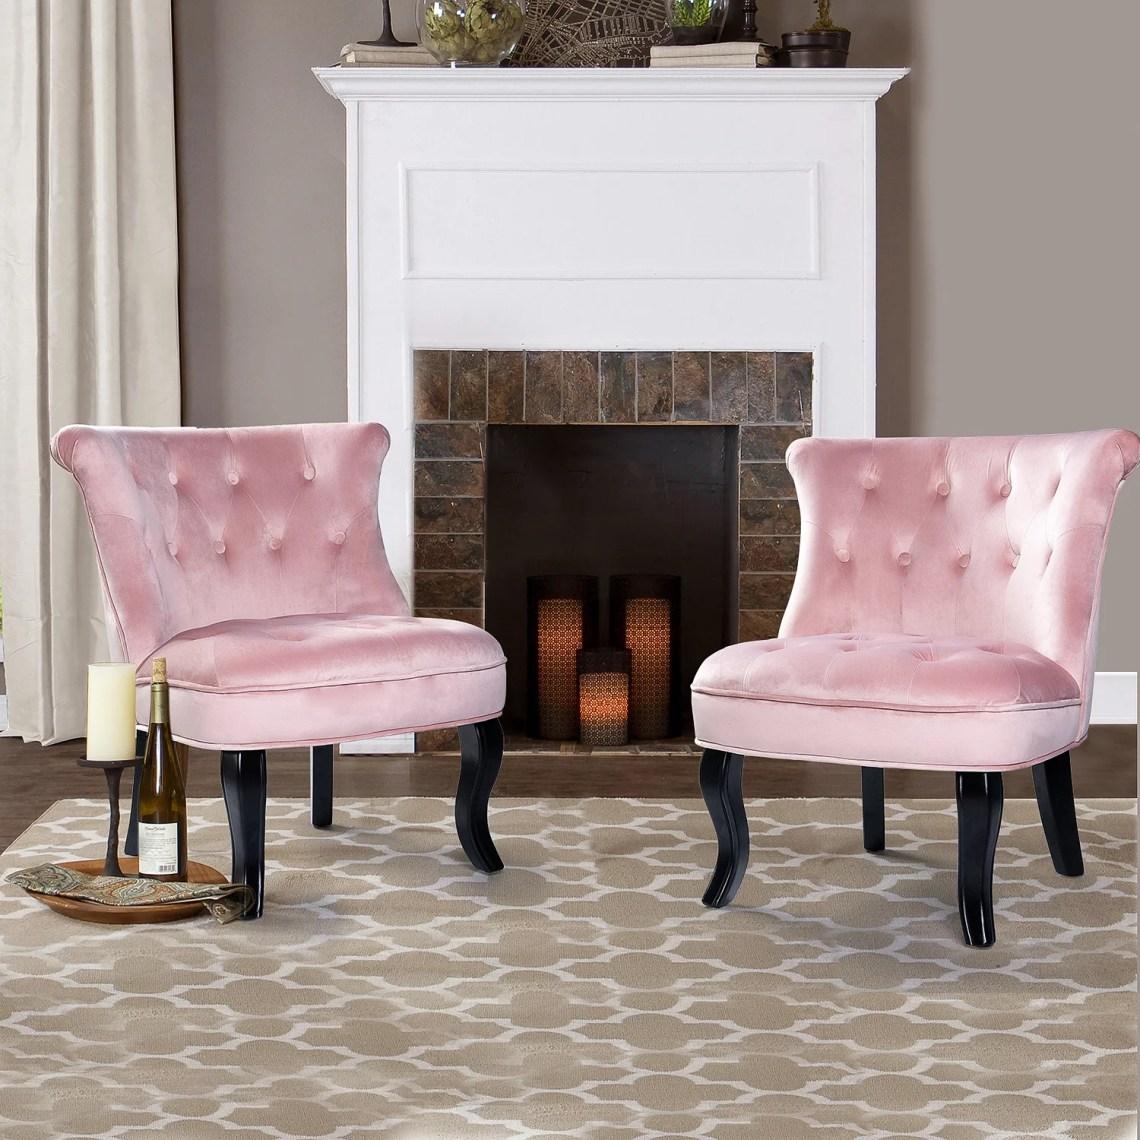 Mid-Century Modern Velvet Accent Chair for Living Room or ...